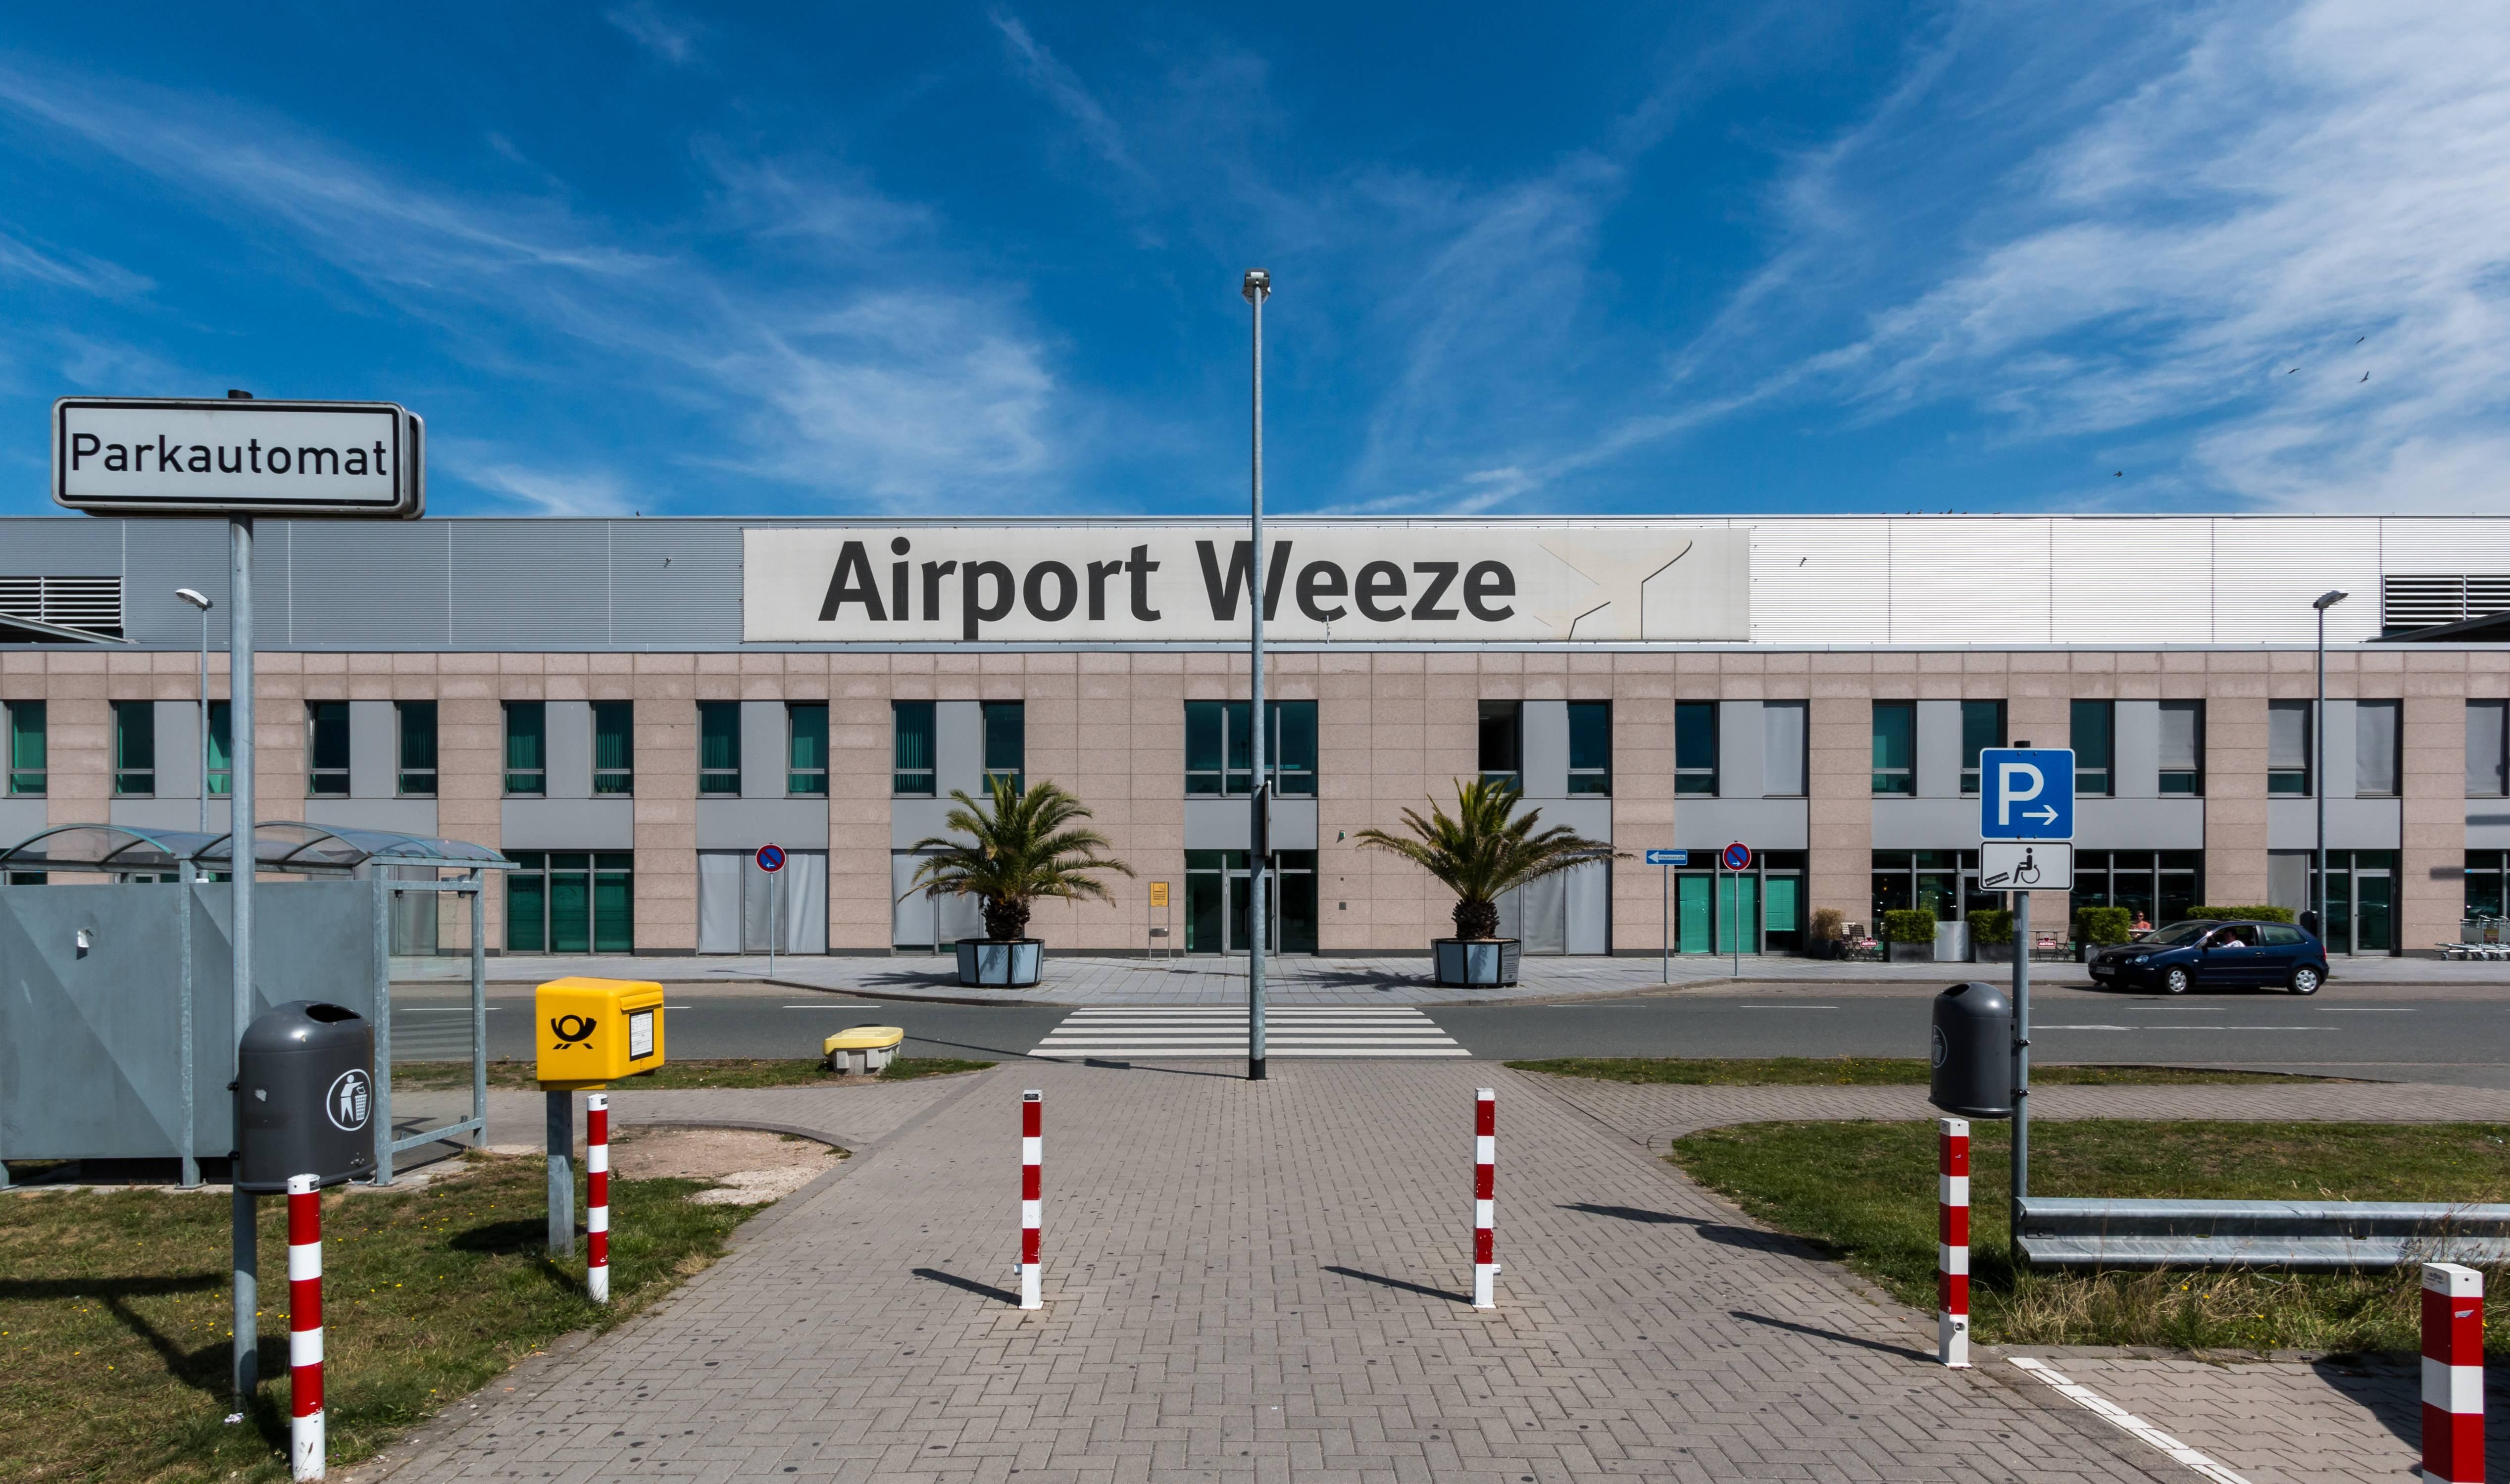 Дюссельдорф аэропорт weeze - ваш личный путеводитель по городам европы